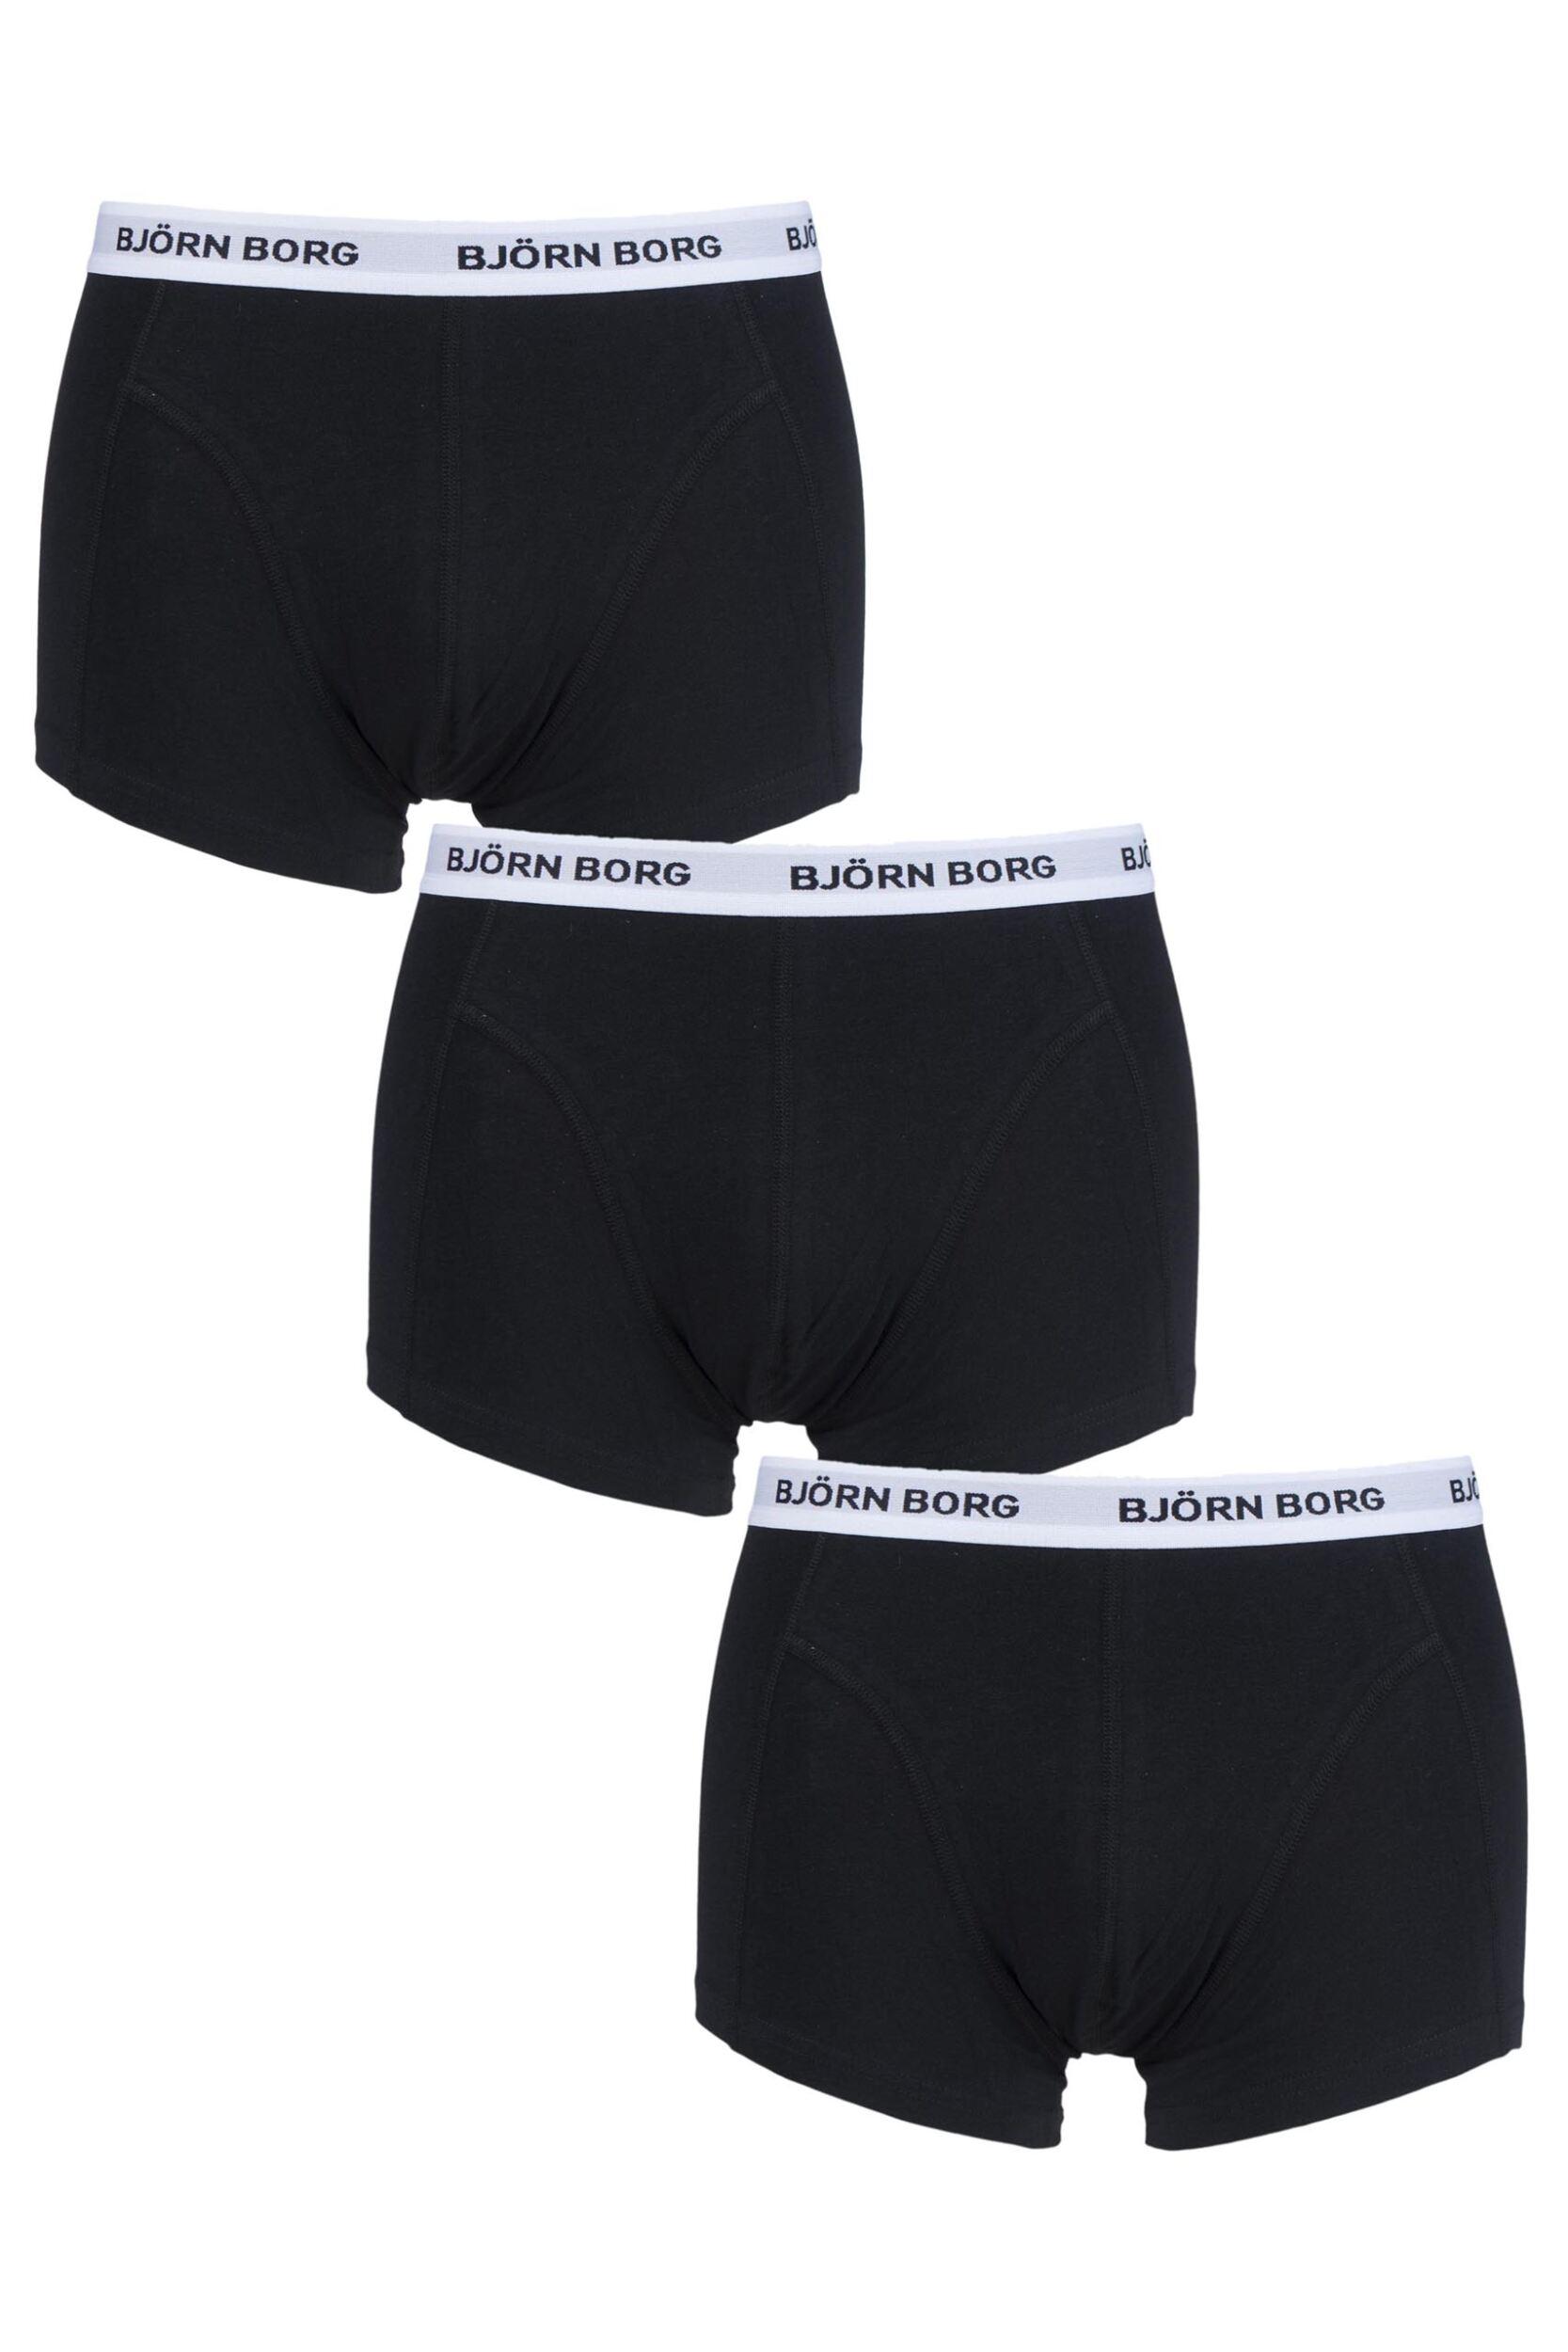 mens 3 pack bjorn borg contrast solid boxer shorts ebay. Black Bedroom Furniture Sets. Home Design Ideas